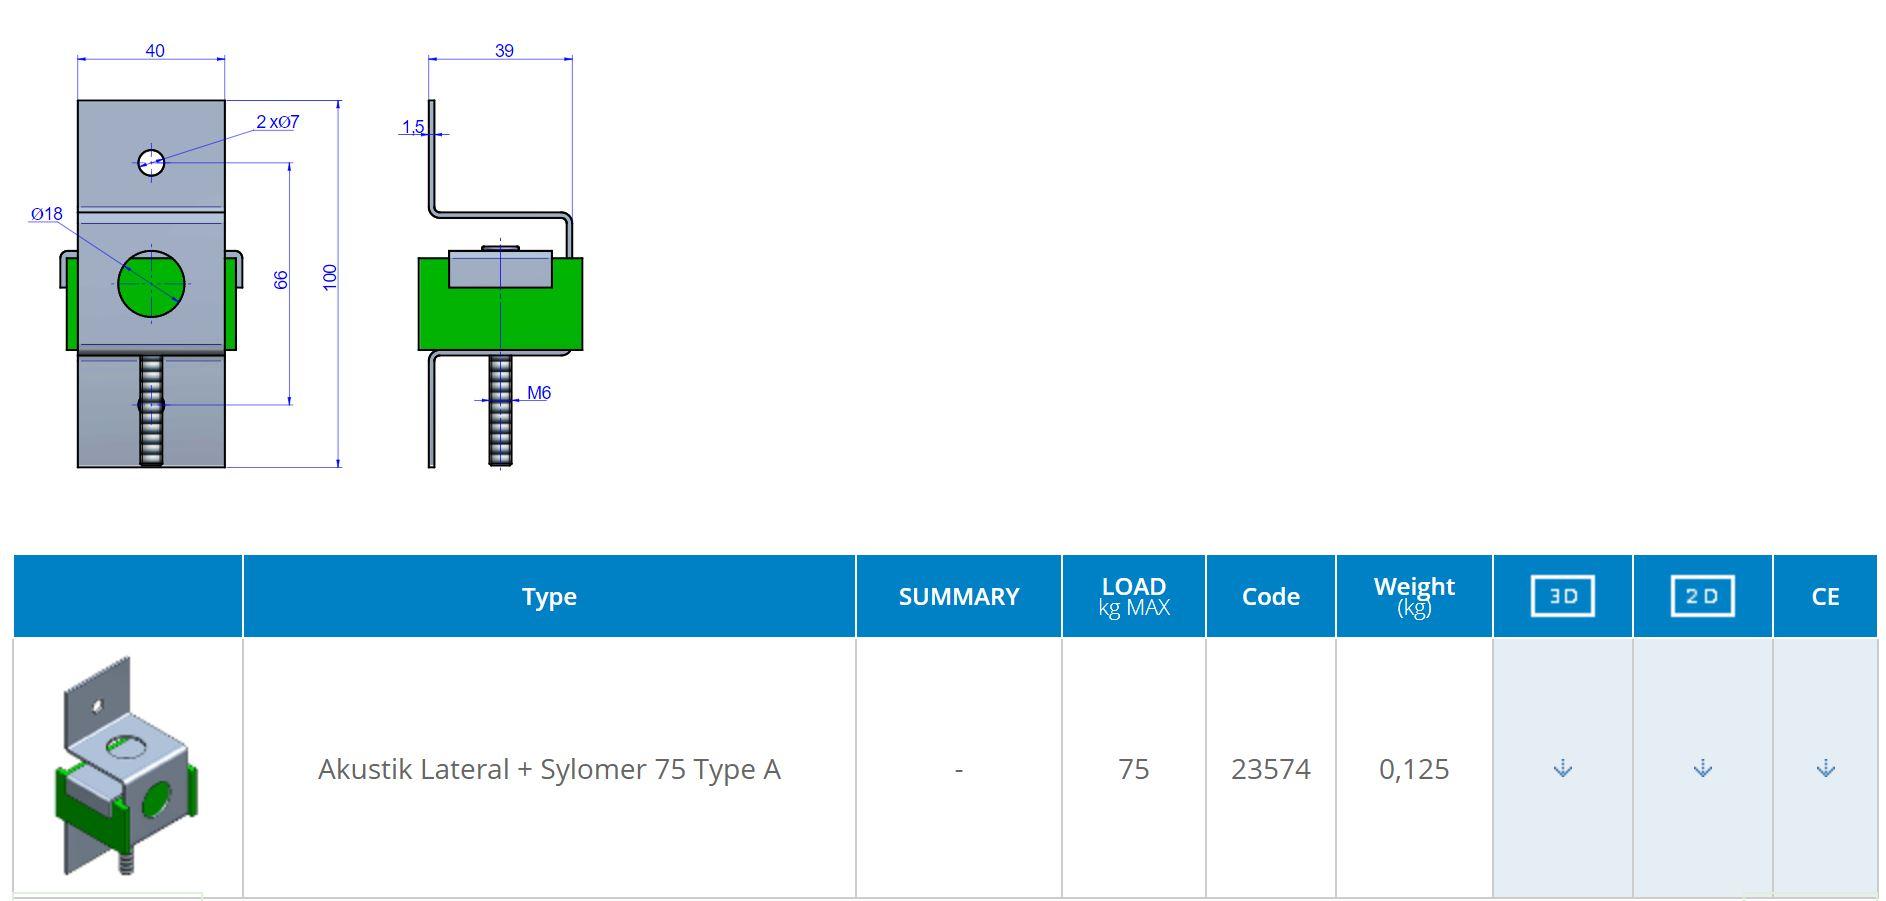 Akustik Lateral + Sylomer 75 Type A